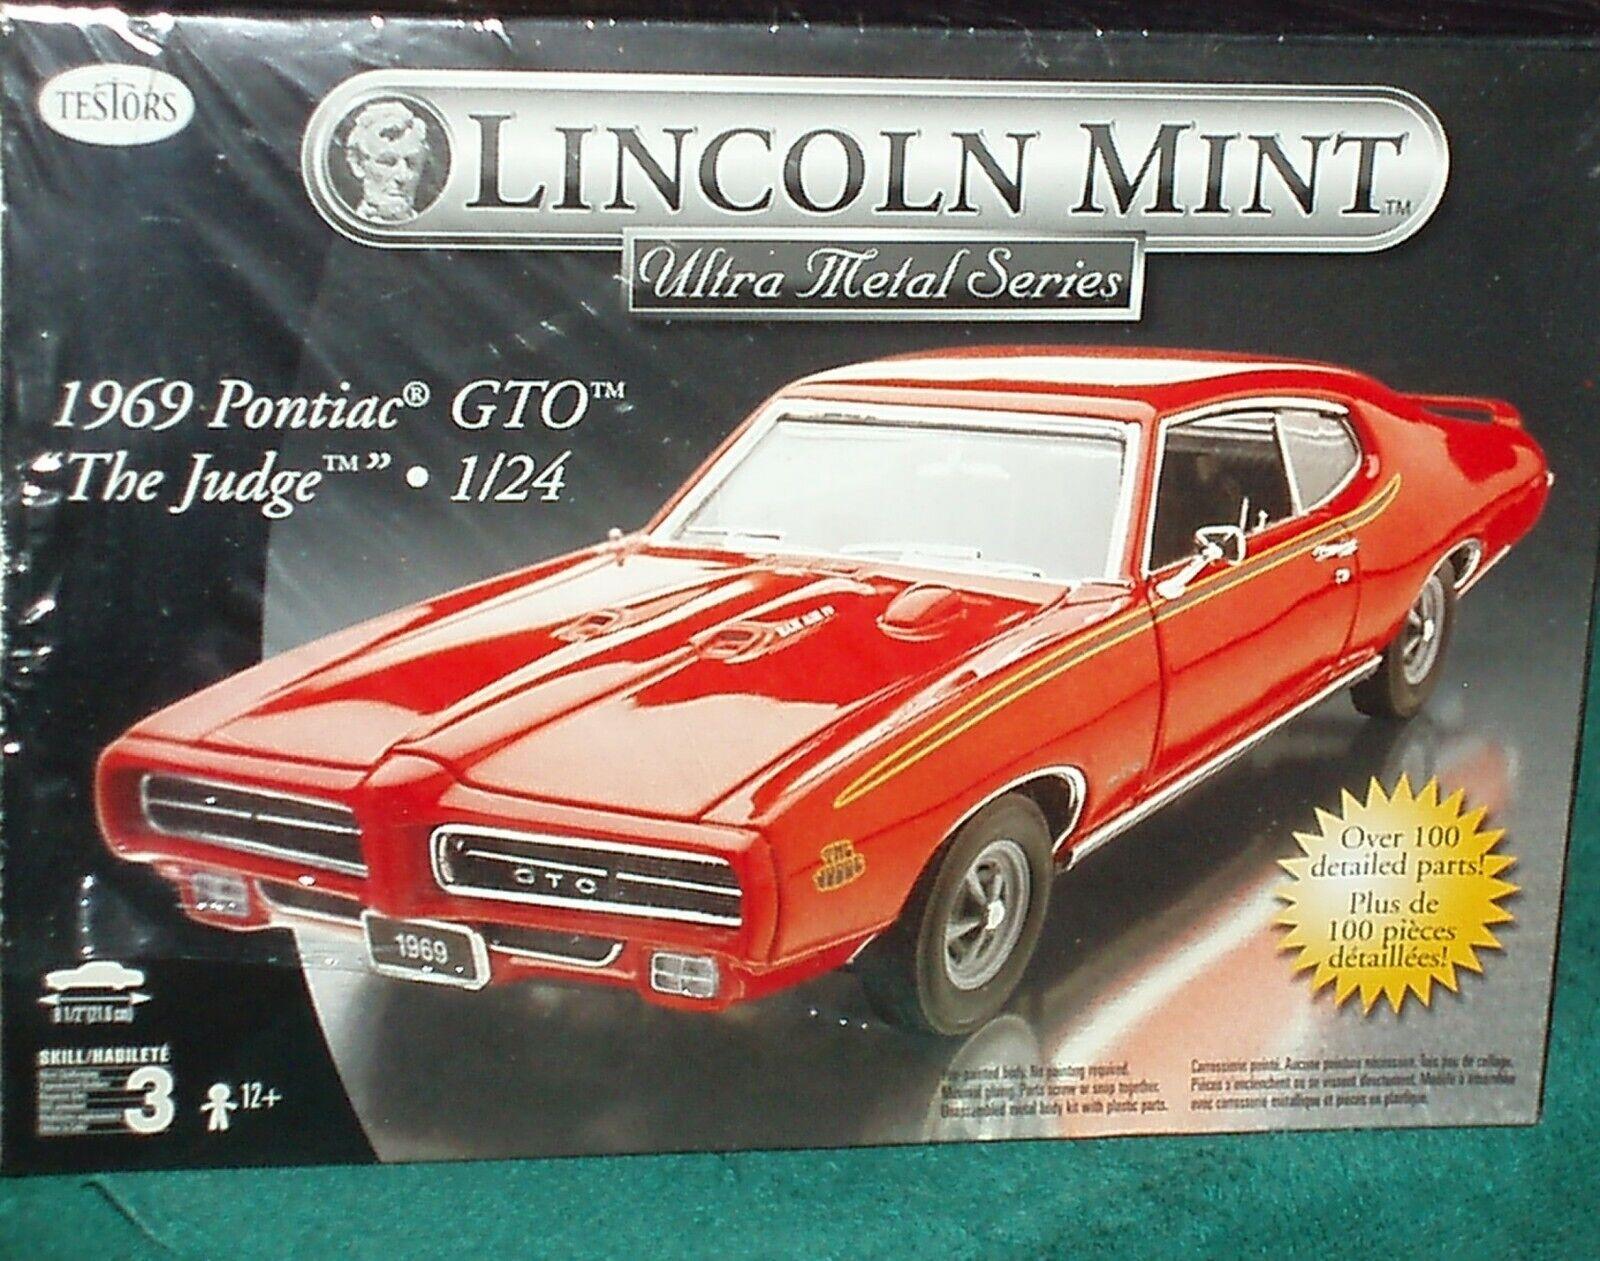 TESTORS LINCOLN MINT 1969 PONTIAC GTO  THE JUDGE  MODEL KIT 1 24 SKILL 3